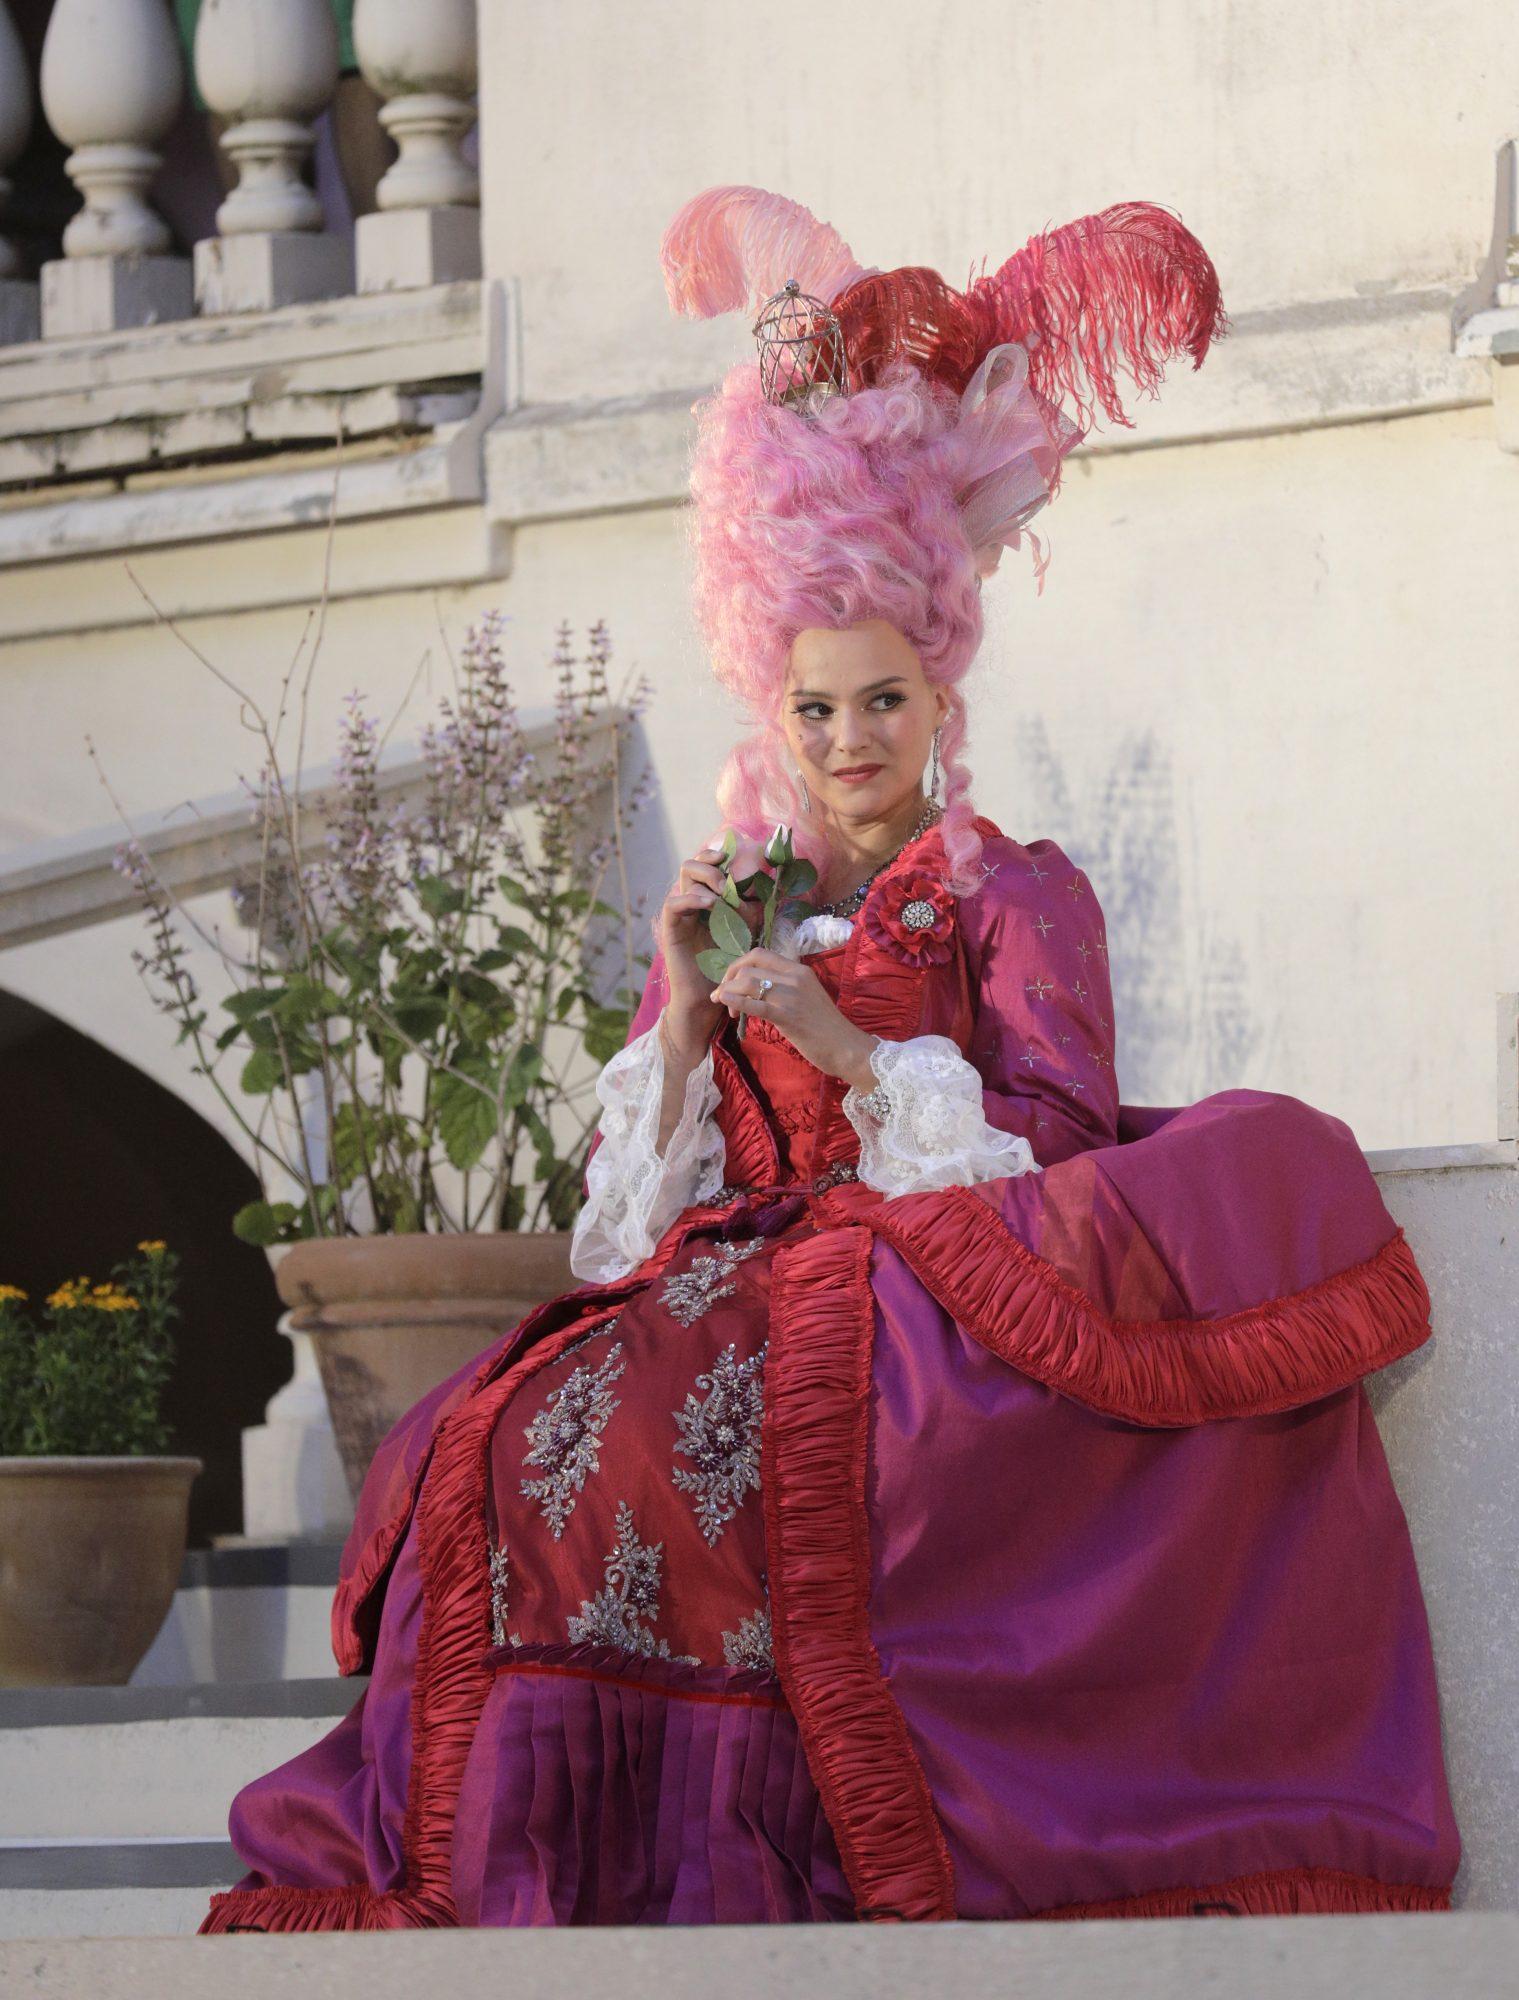 Figaros & Susannas bröllop i ur och skur